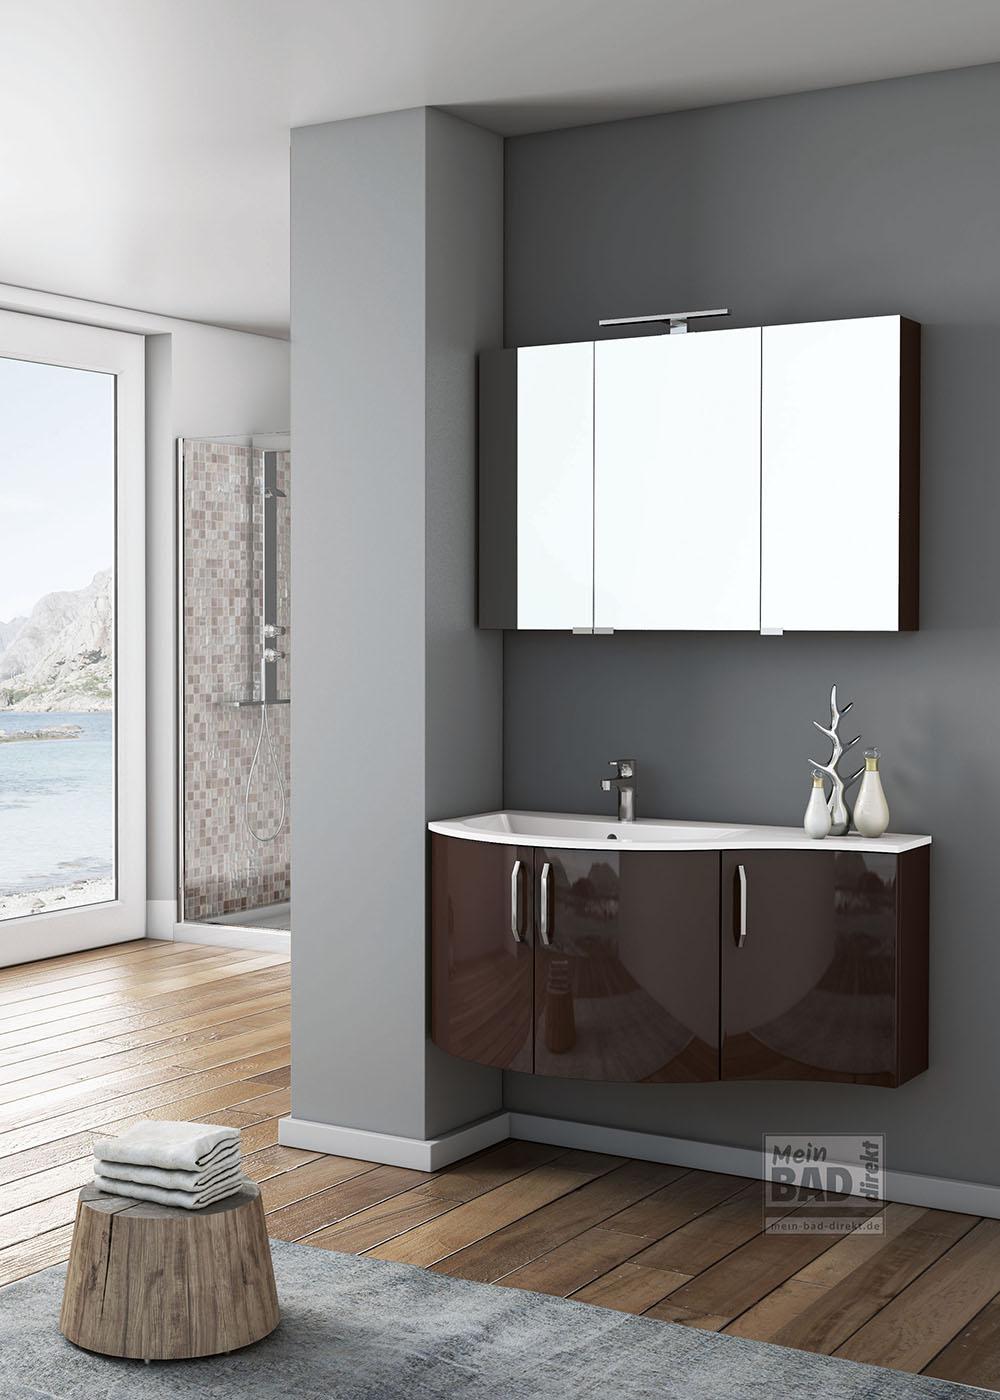 Badezimmerm bel ausw hlen mein bad direkt for Badezimmermobel hersteller